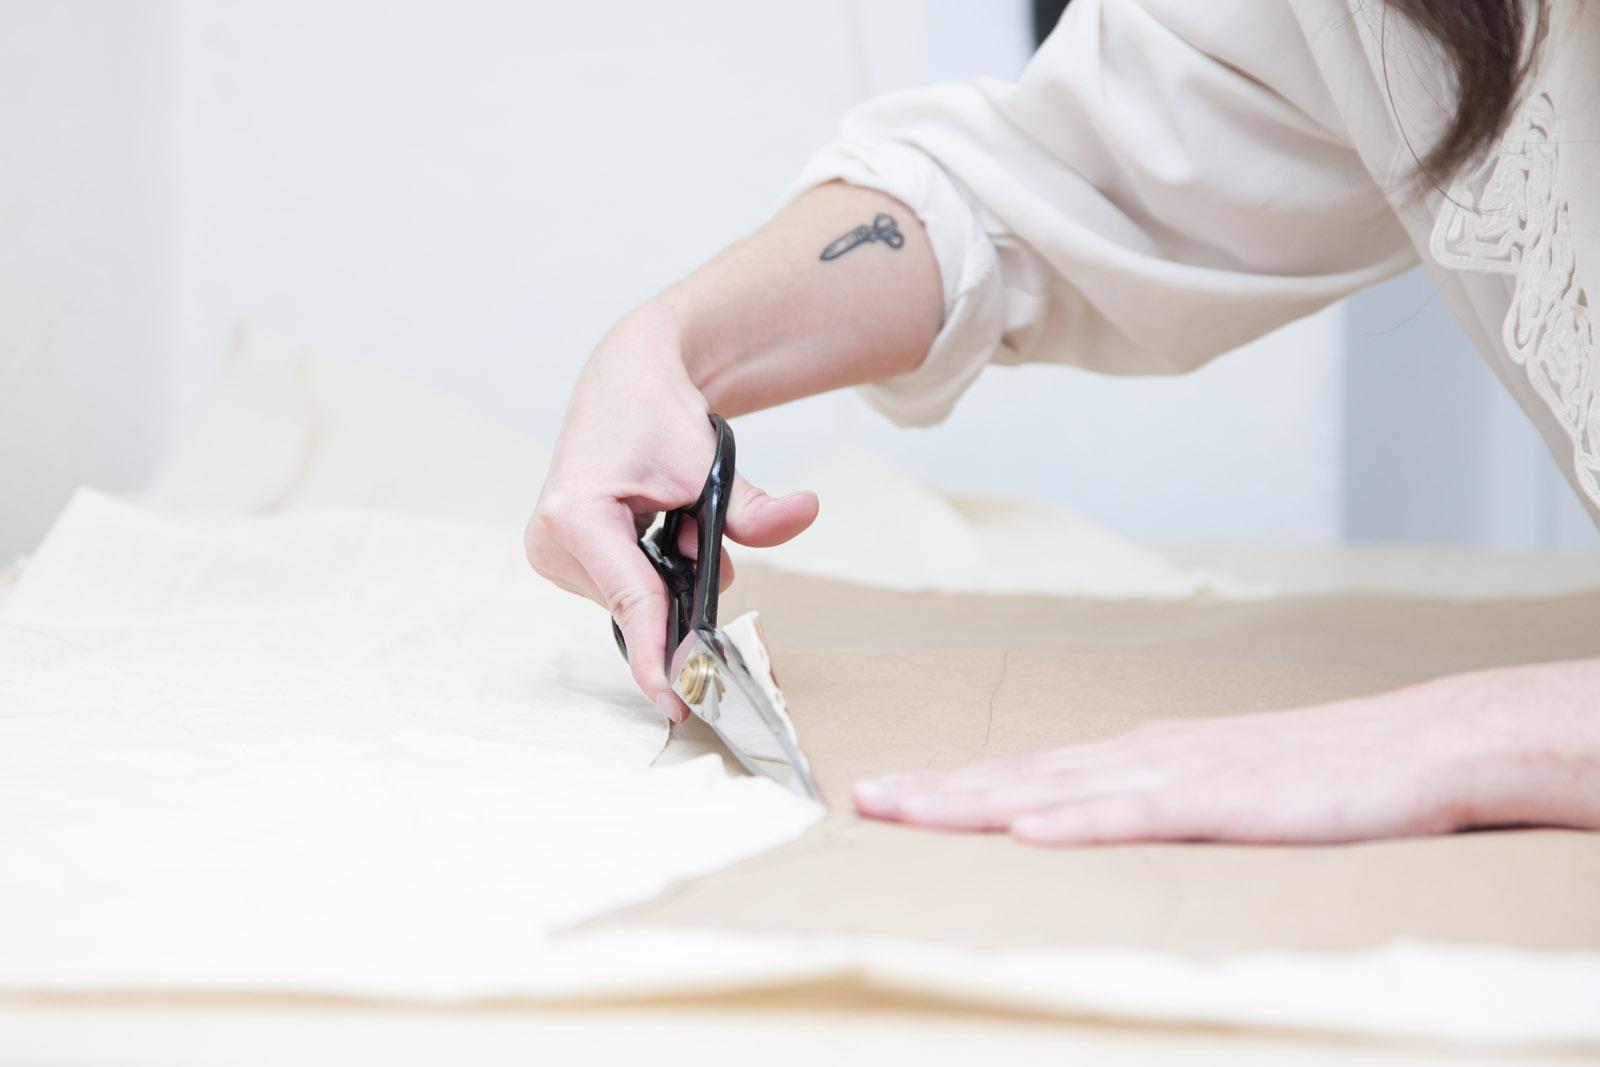 Выкройка юбки на стандартную фигуру Пошаговое построение